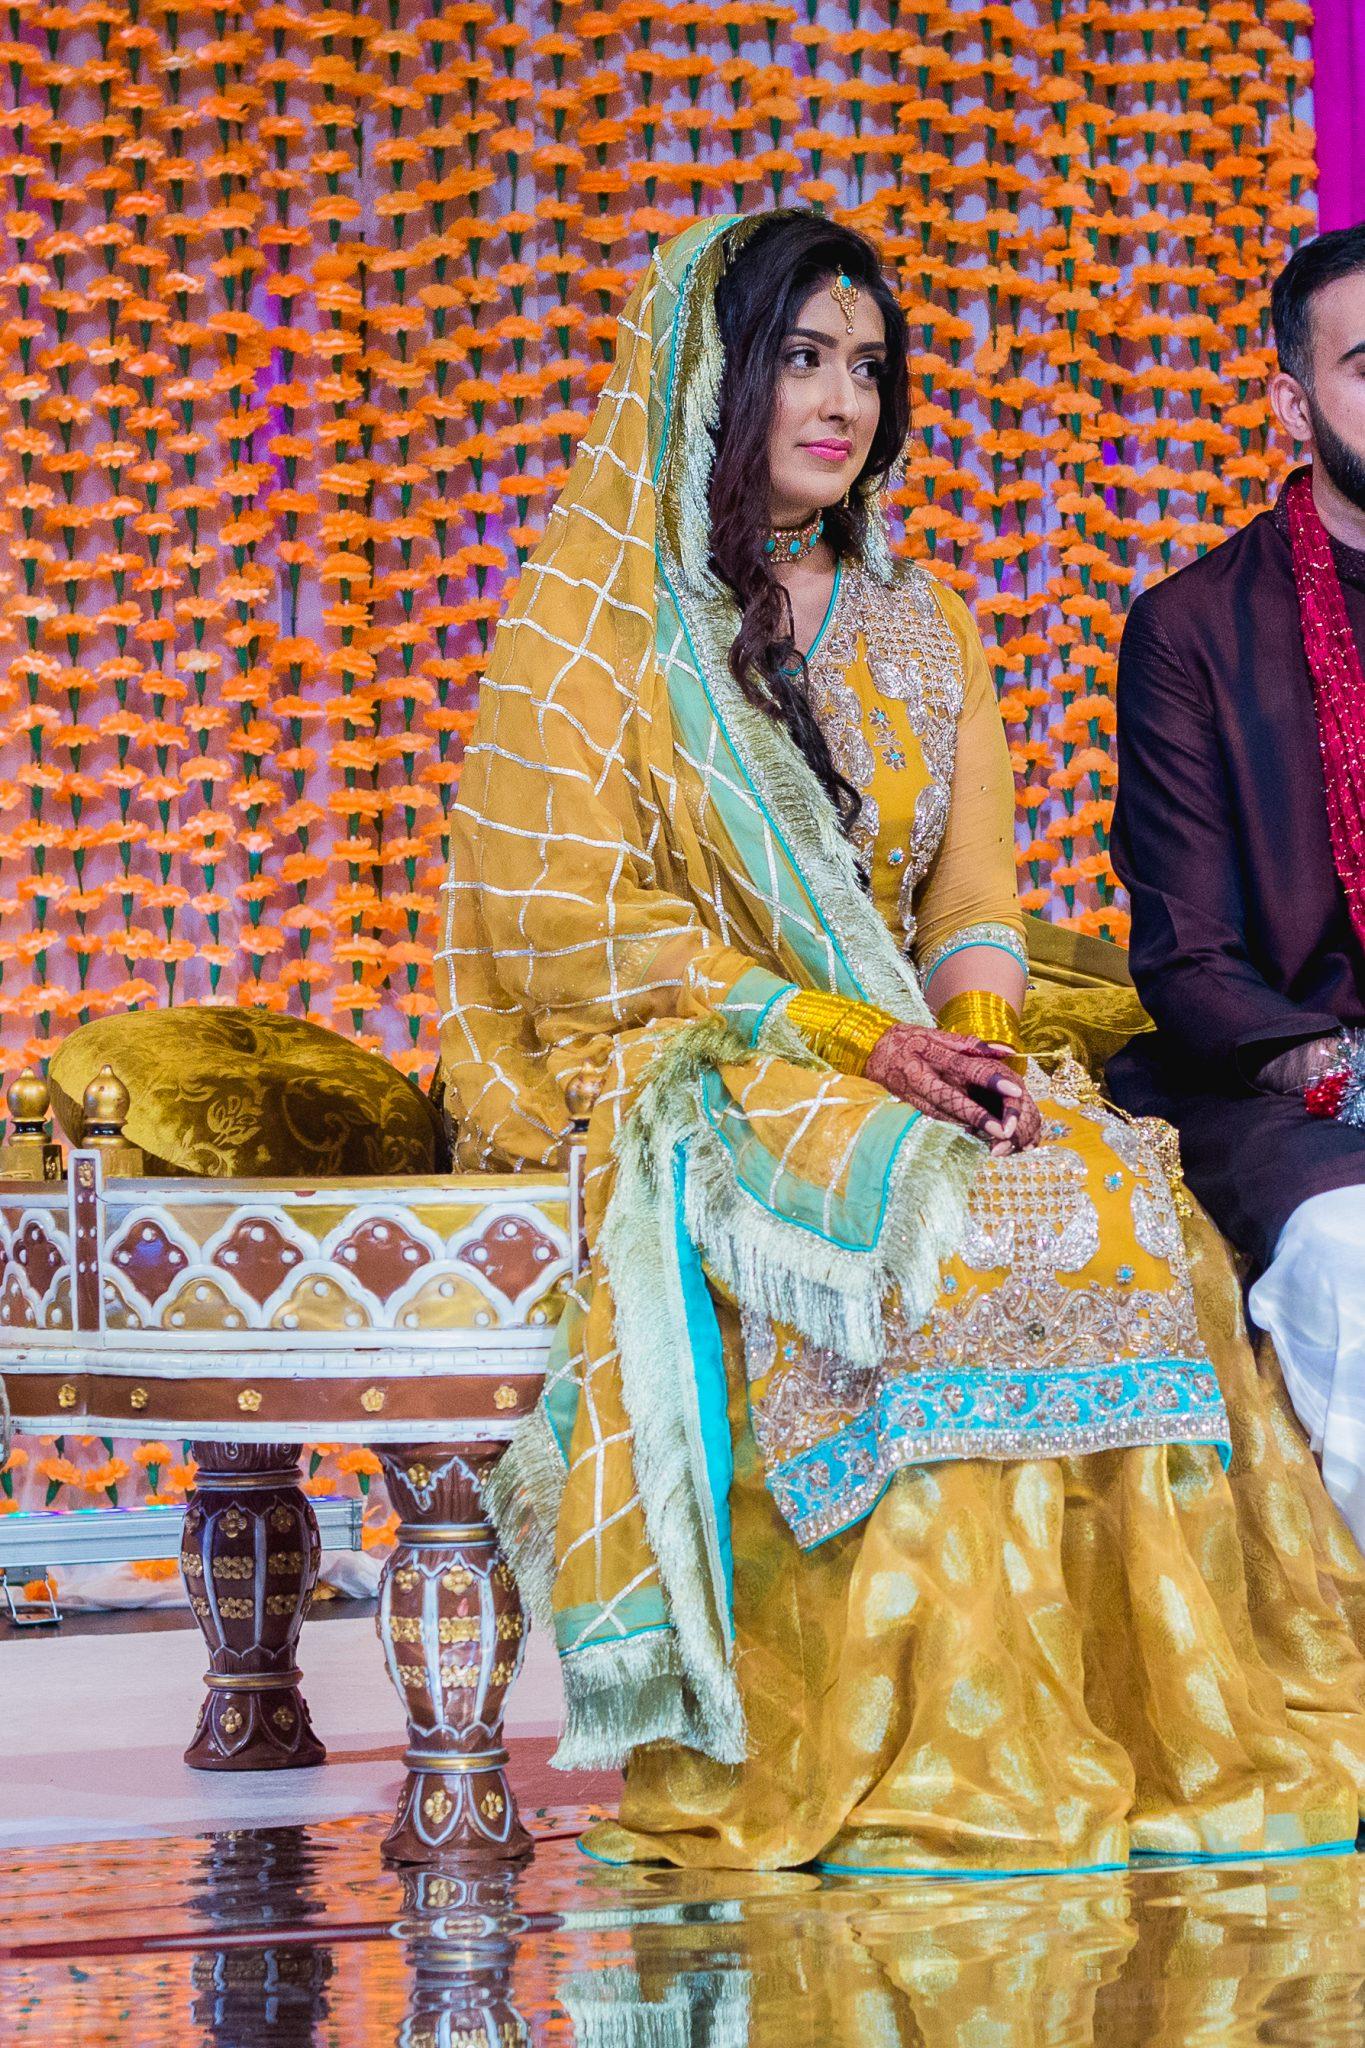 Mehndi-brud i et klassisk pakistansk bryllup